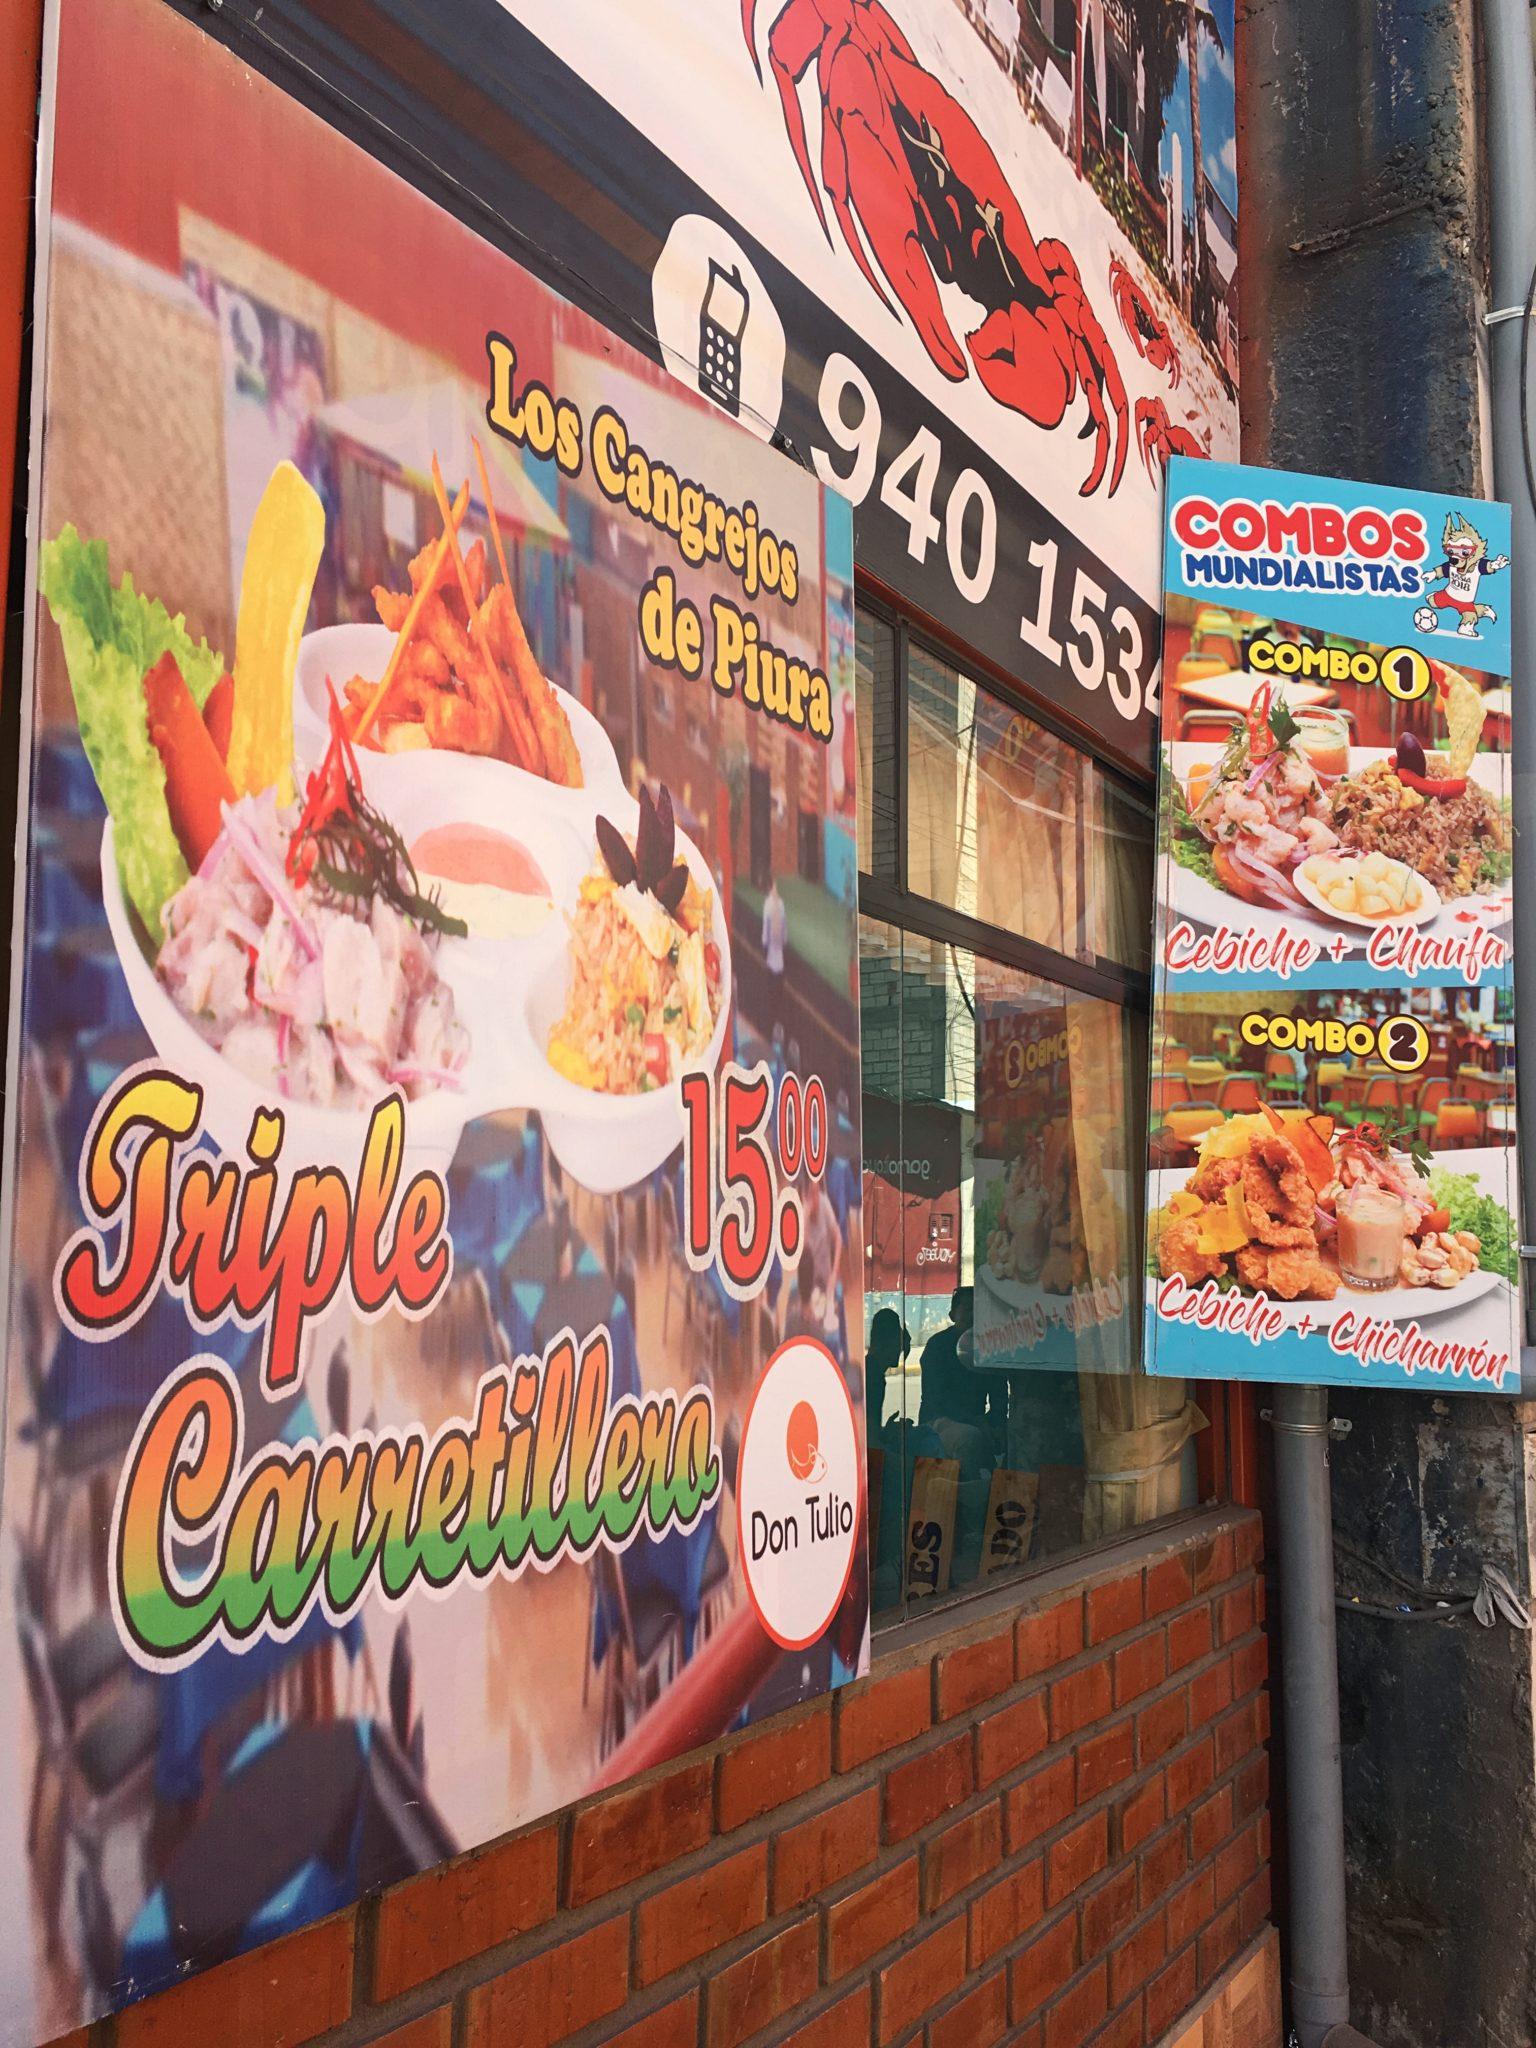 ペルー, クスコ, 人気, レストラン